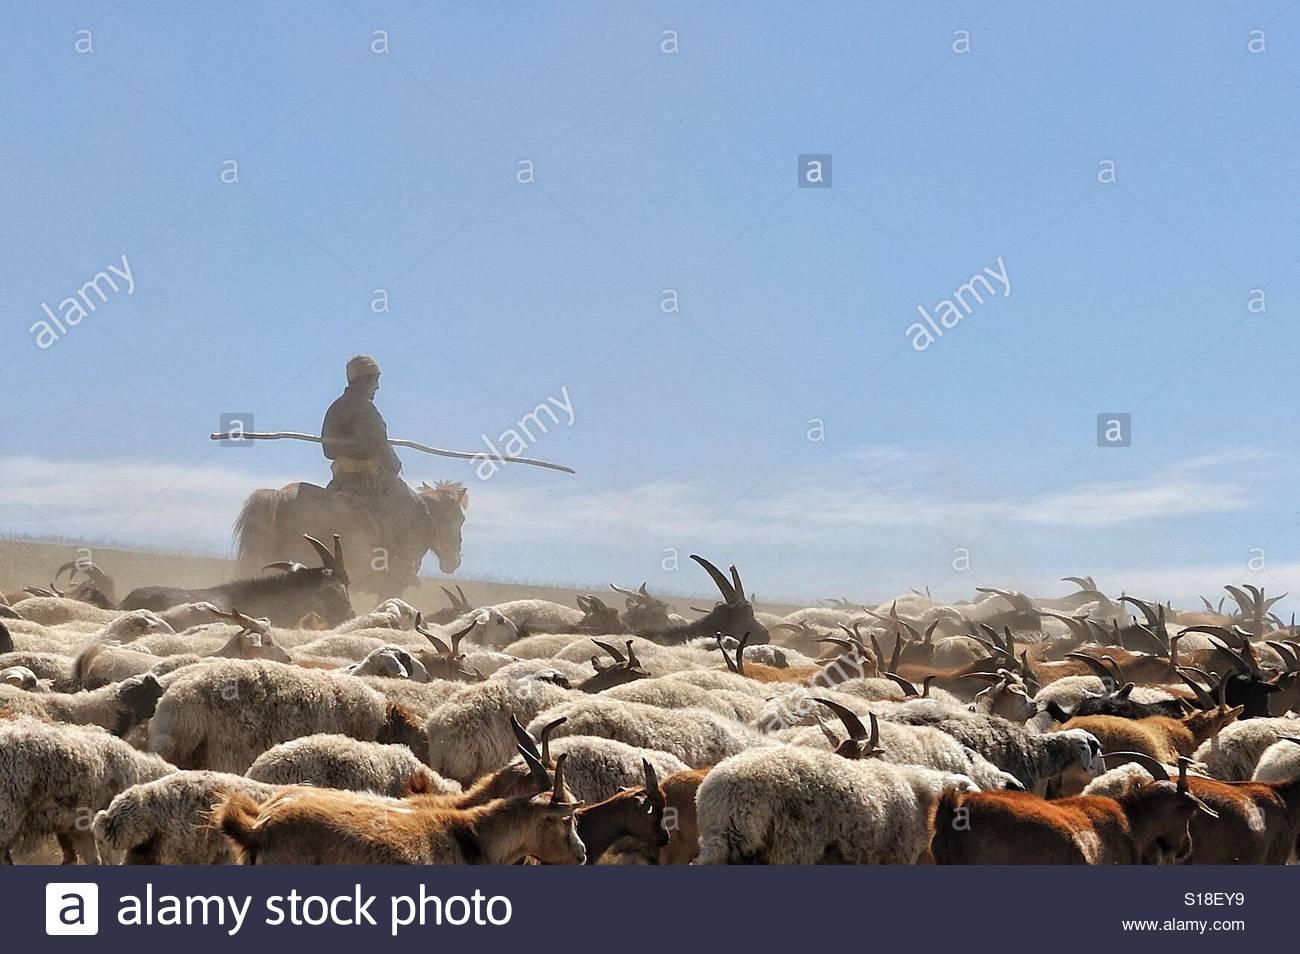 Goat herder - Stock Image